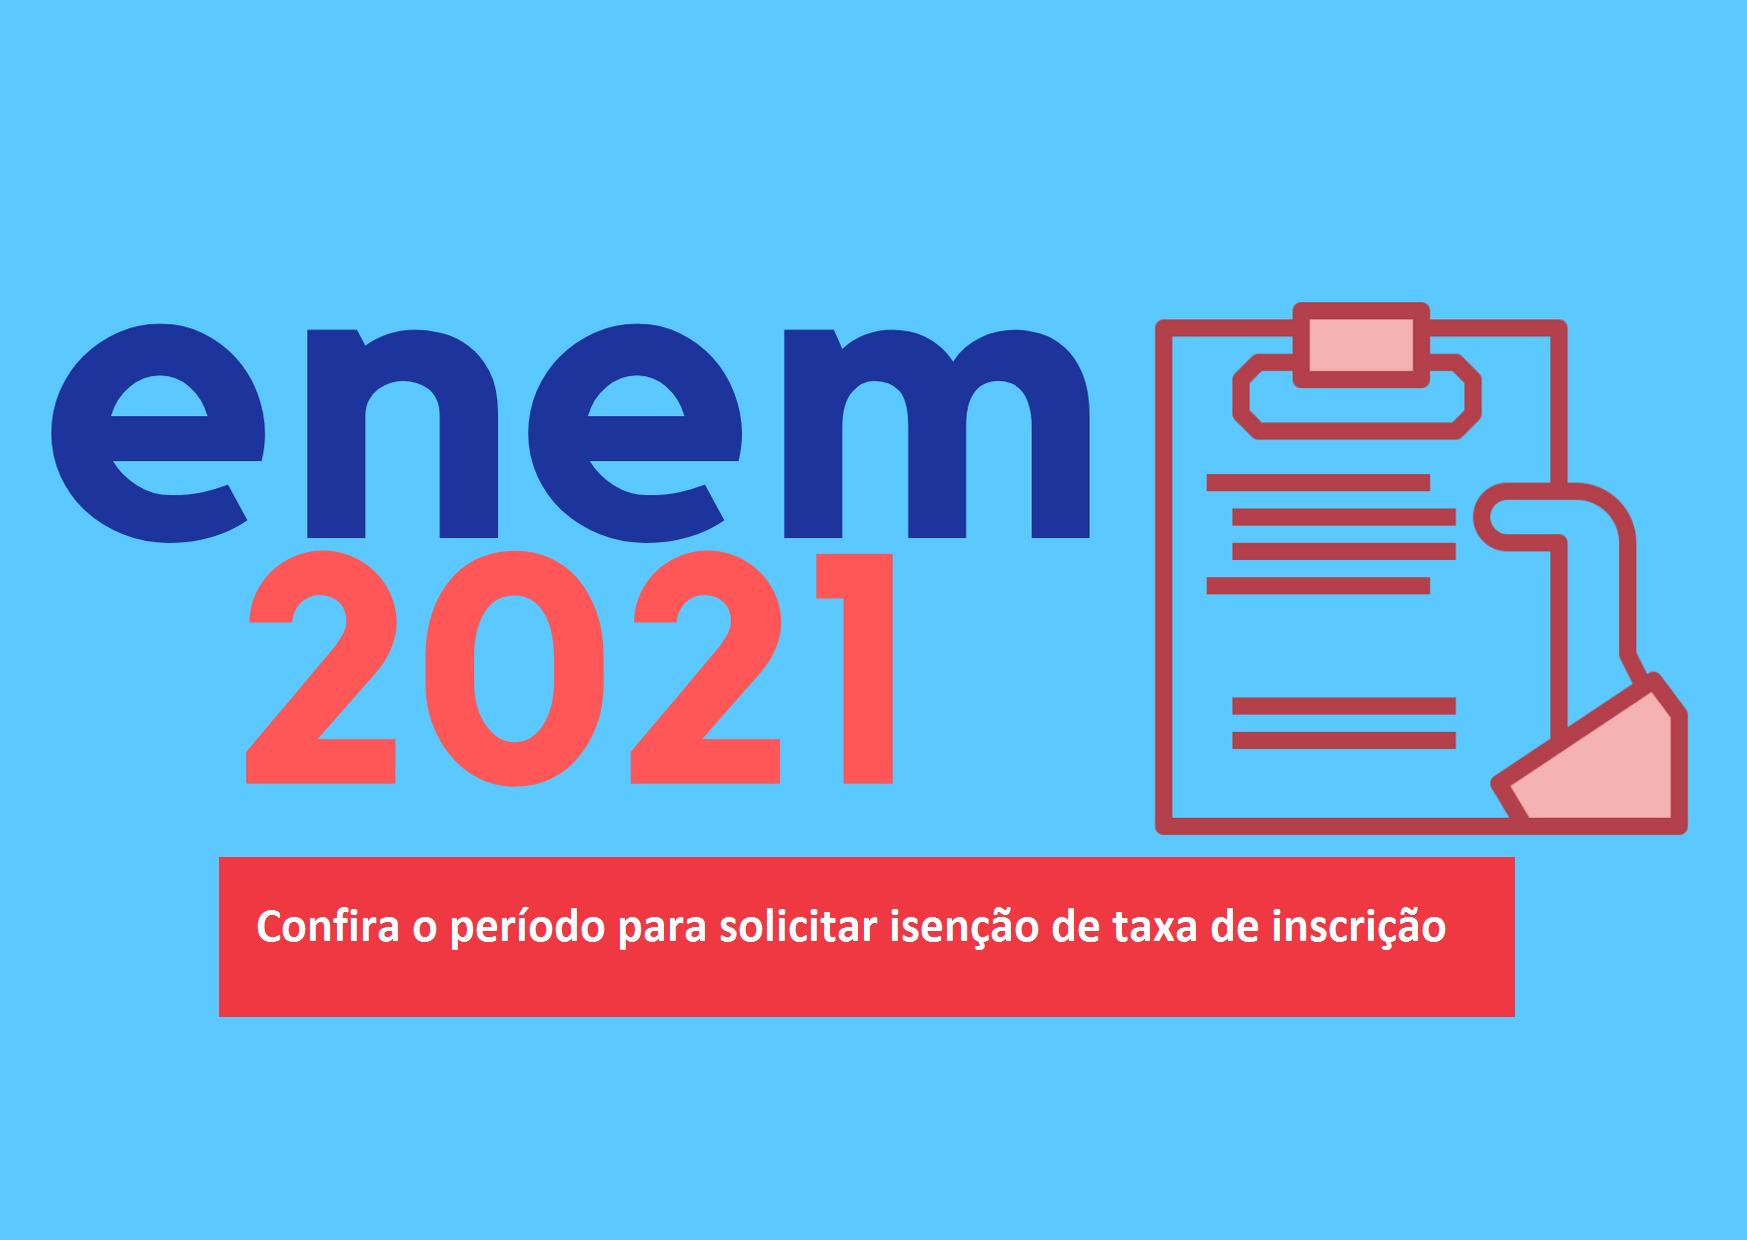 ENEM 2021: Período para solicitar isenção de taxa de inscrição vai até 28 de maio